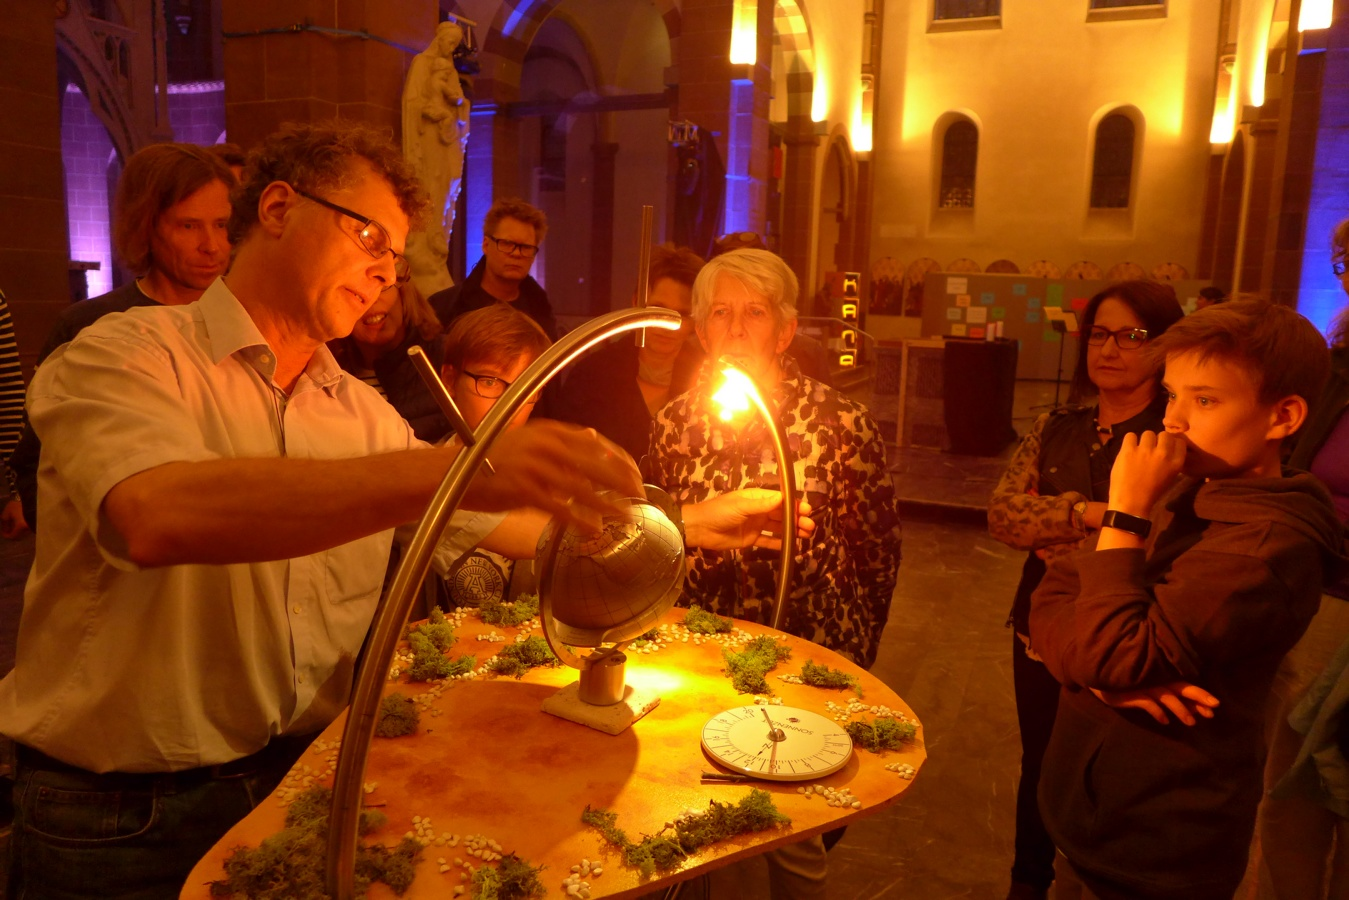 """Besonders interessant war in der Jugendkirche Kana die Station """"Sonnenzeit"""" mit dem Wiesbadener Sonnenuhrbauer Carlo Heller, der seine selbst entwickelten Stücke vorstellte.Foto: Anja Baumgart-Pietsch"""